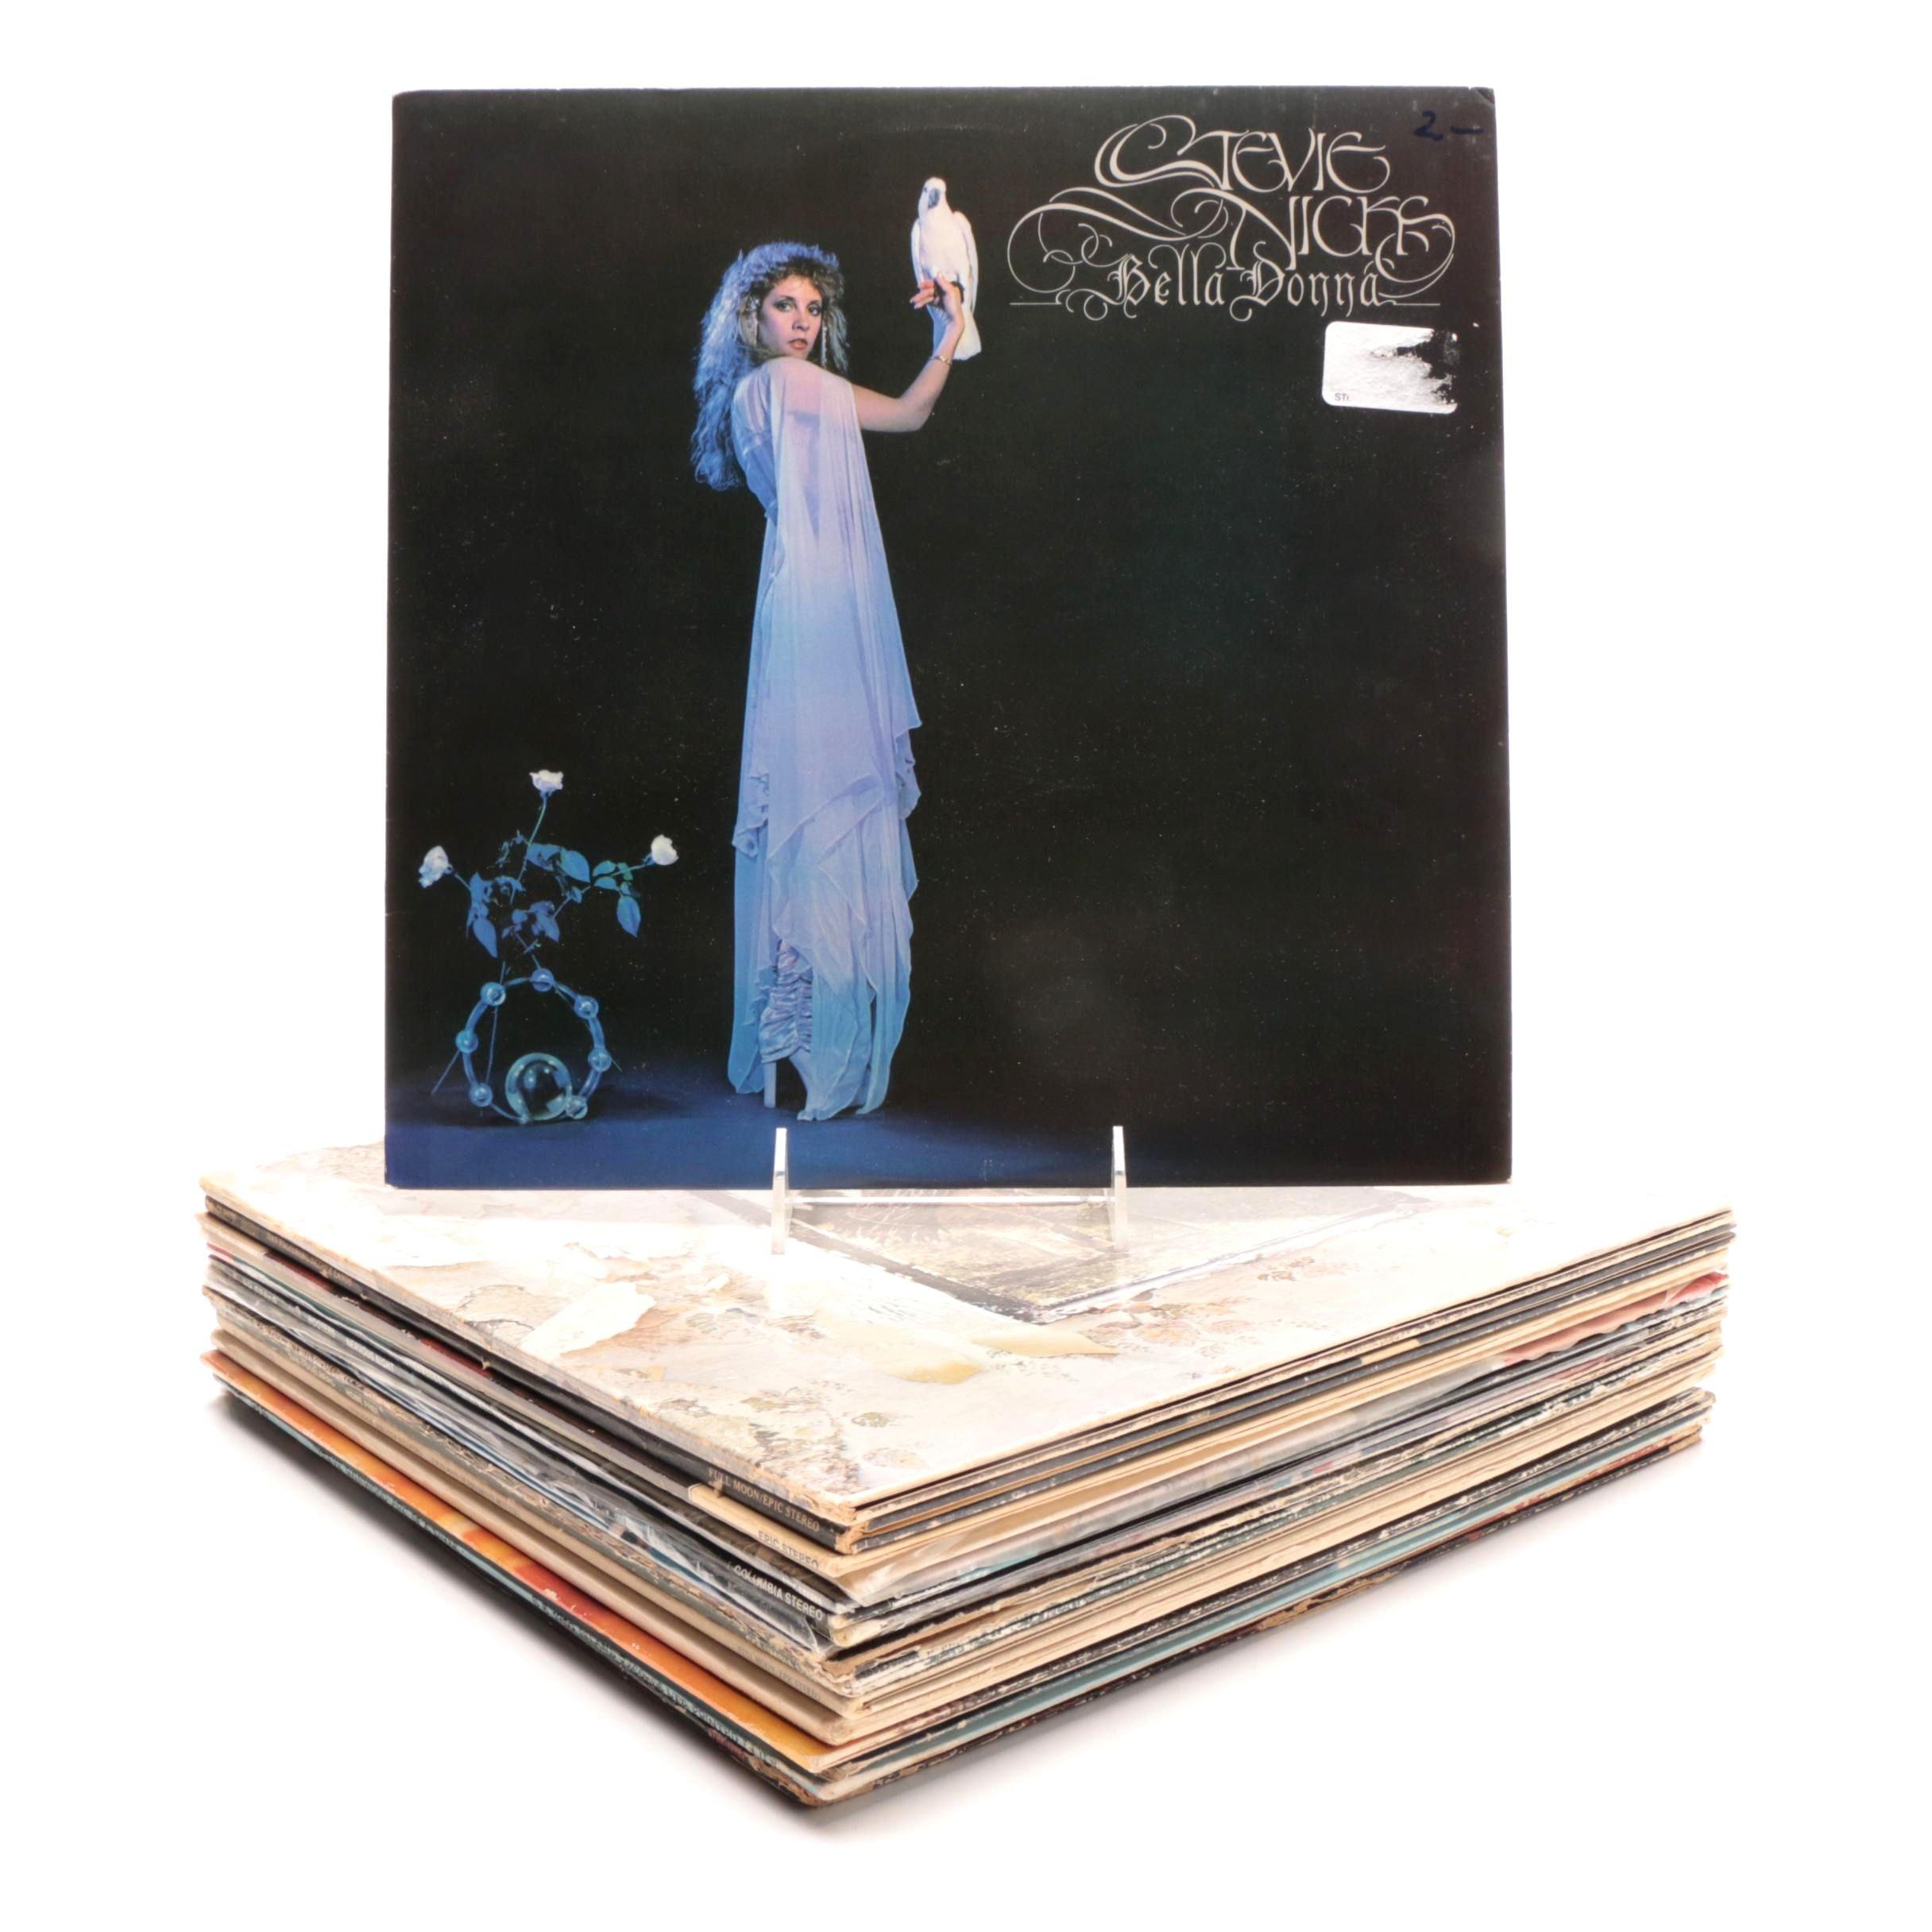 Rock/Folk Rock Records including Jackson Browne, Stevie Nicks, Dan Fogelberg